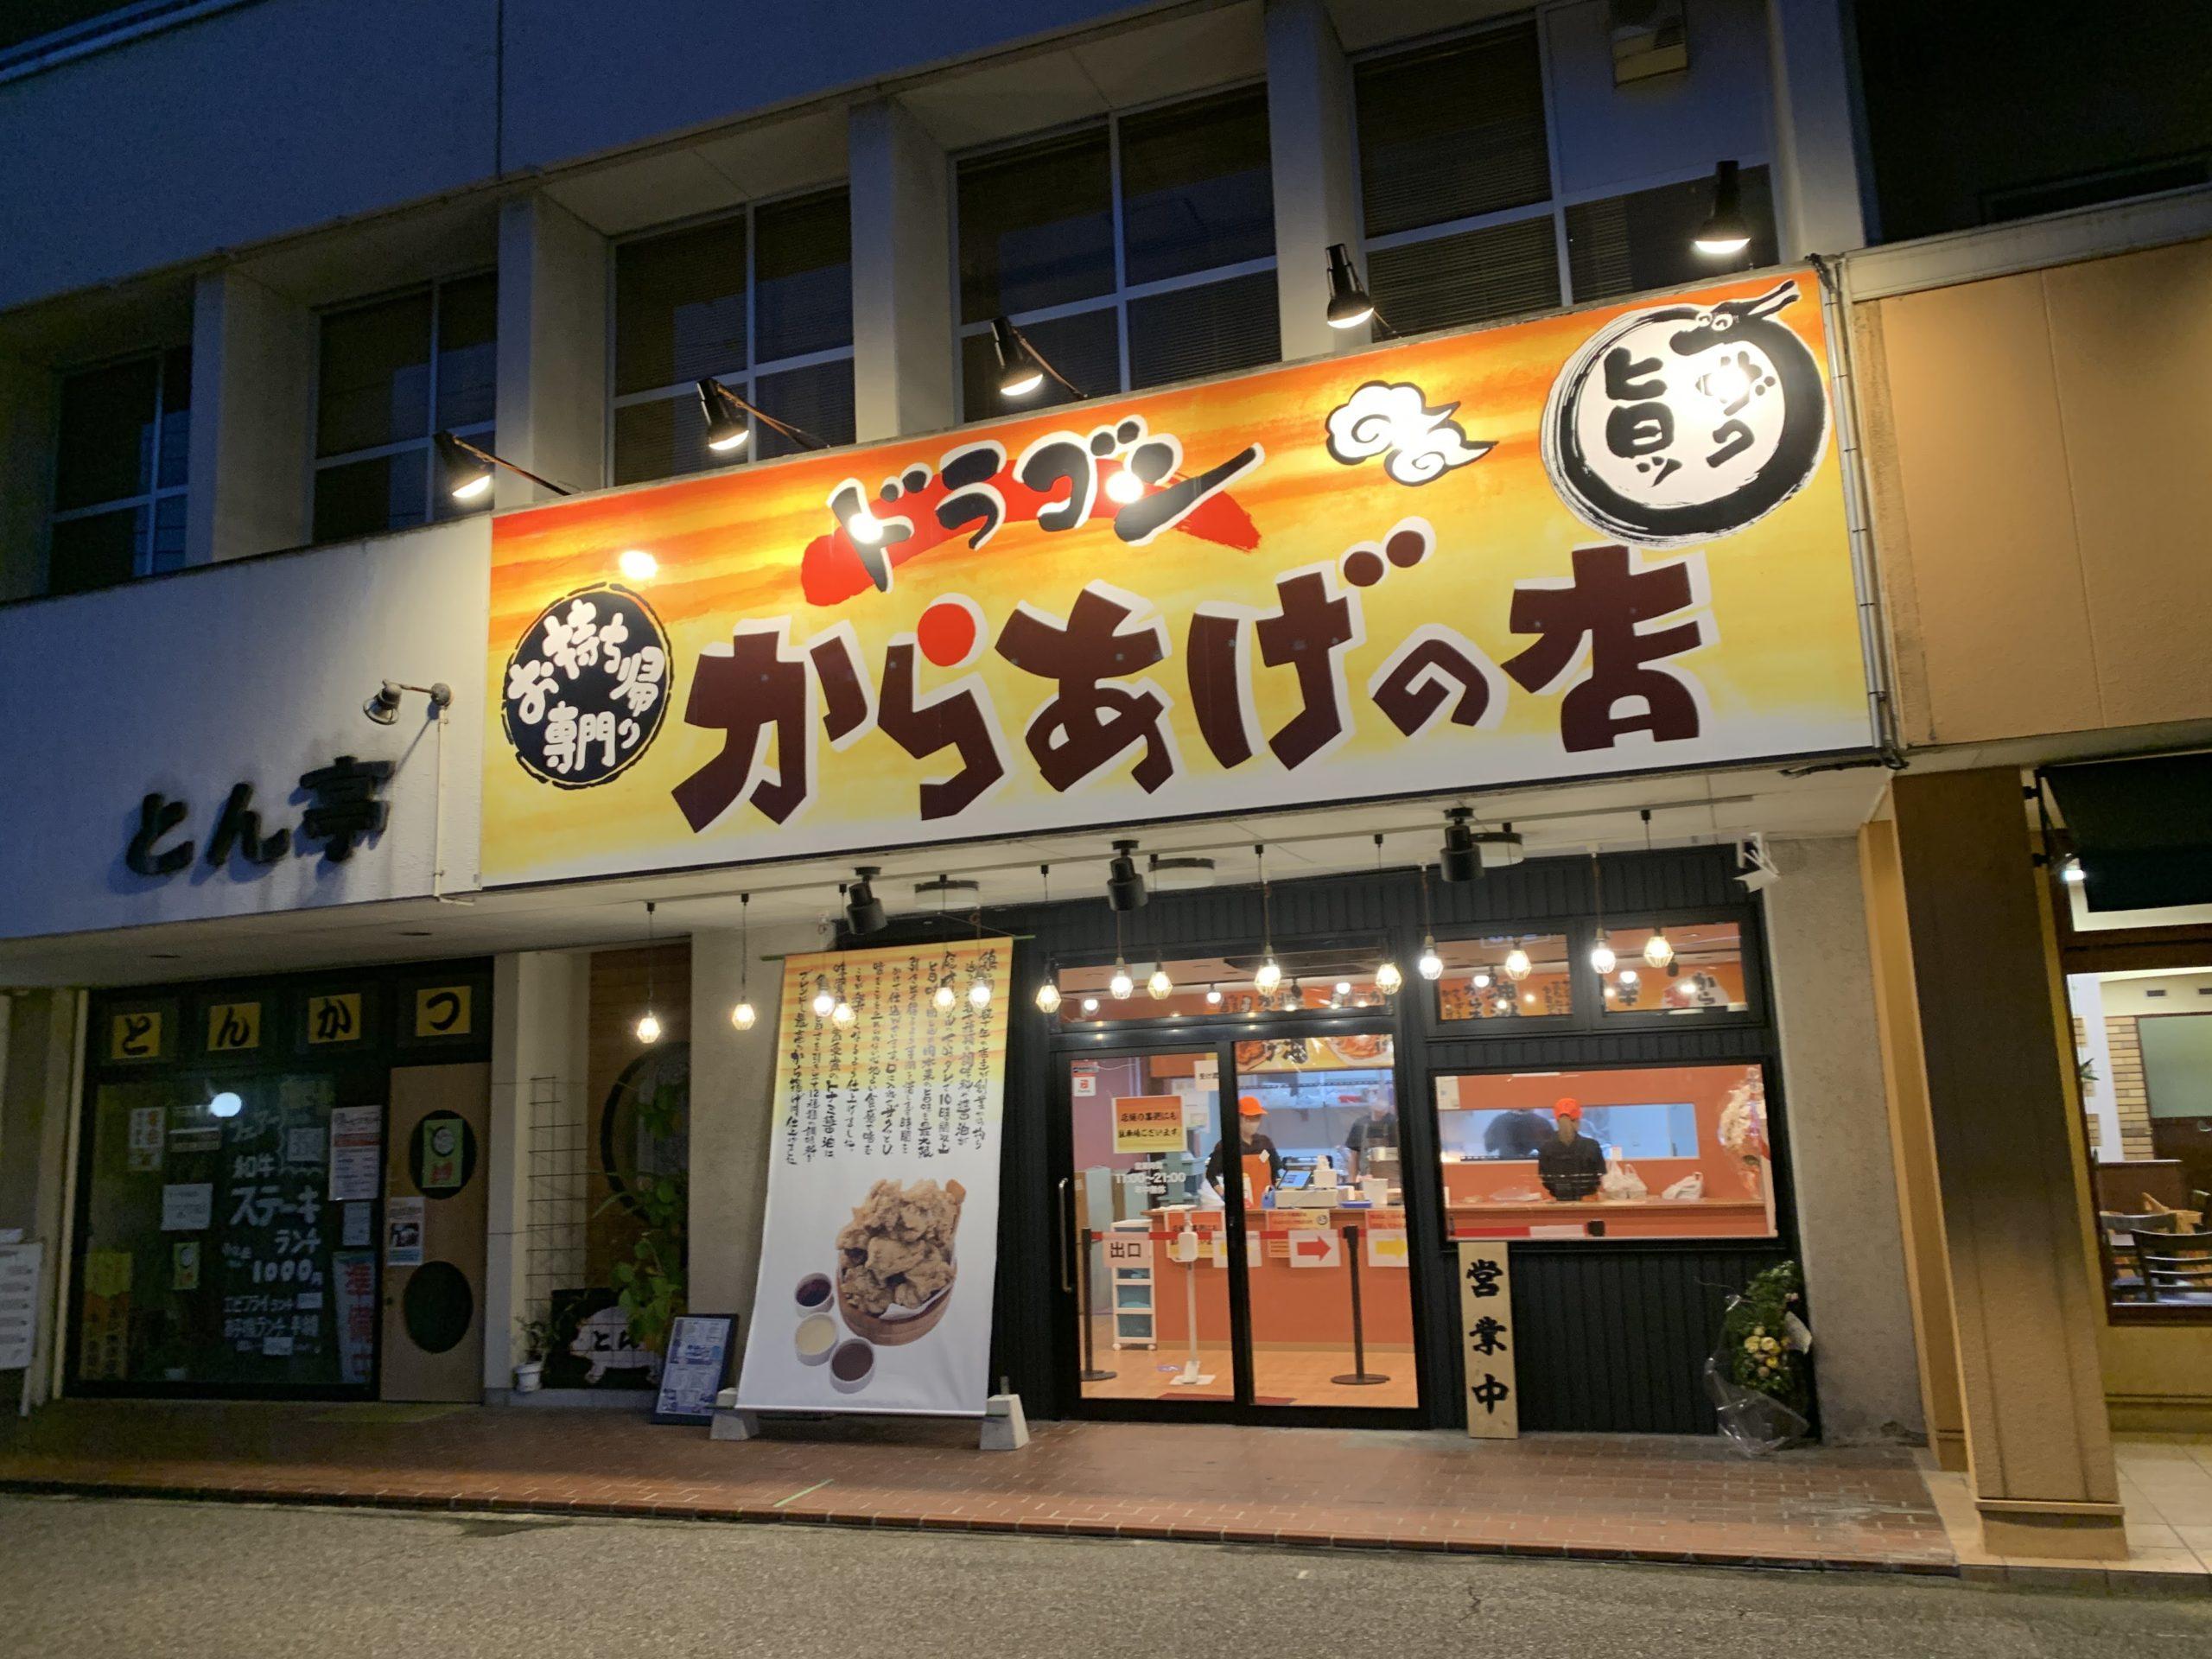 ドラゴンからあげの店(富山県高岡市)へ行ってみた・美味しかったのか実食レビュー